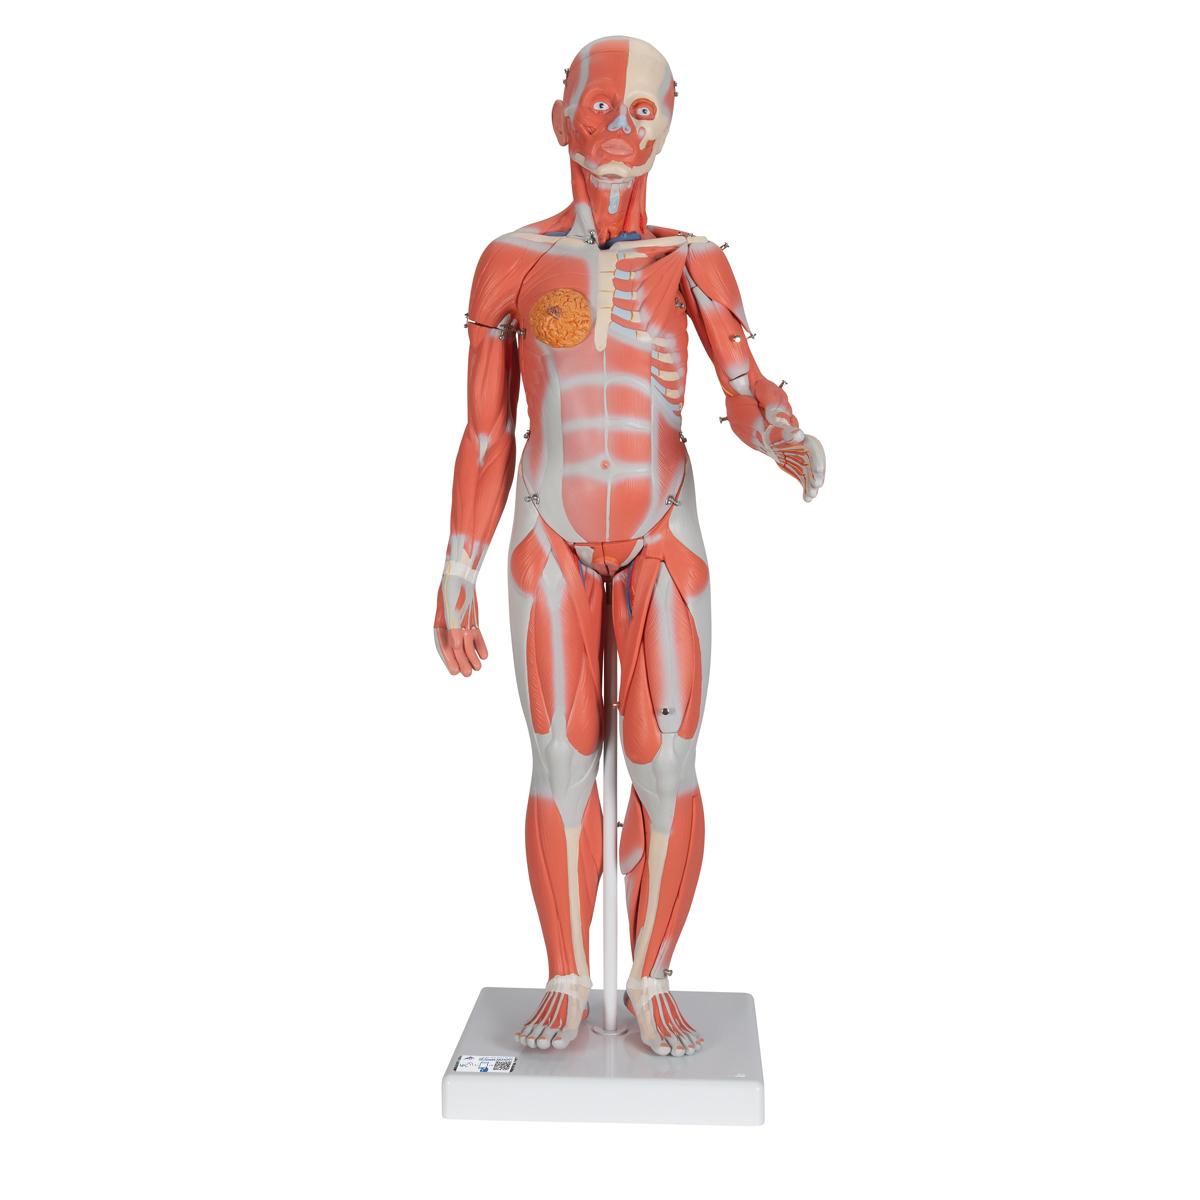 Gemütlich Makroskopische Anatomie Des Muskulatur Antwortschlüssels ...